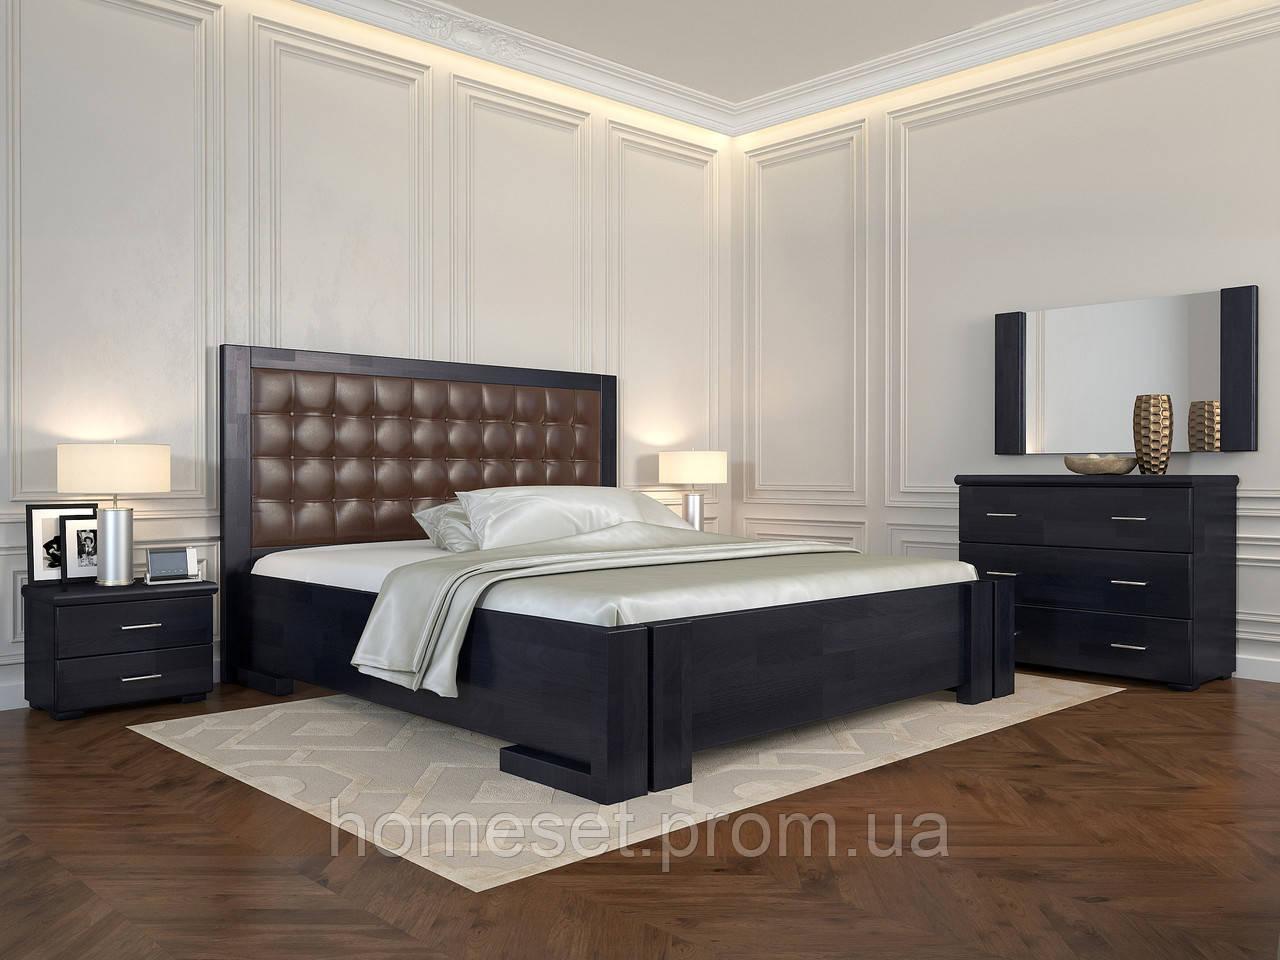 Двуспальная кровать с дерева Амбер